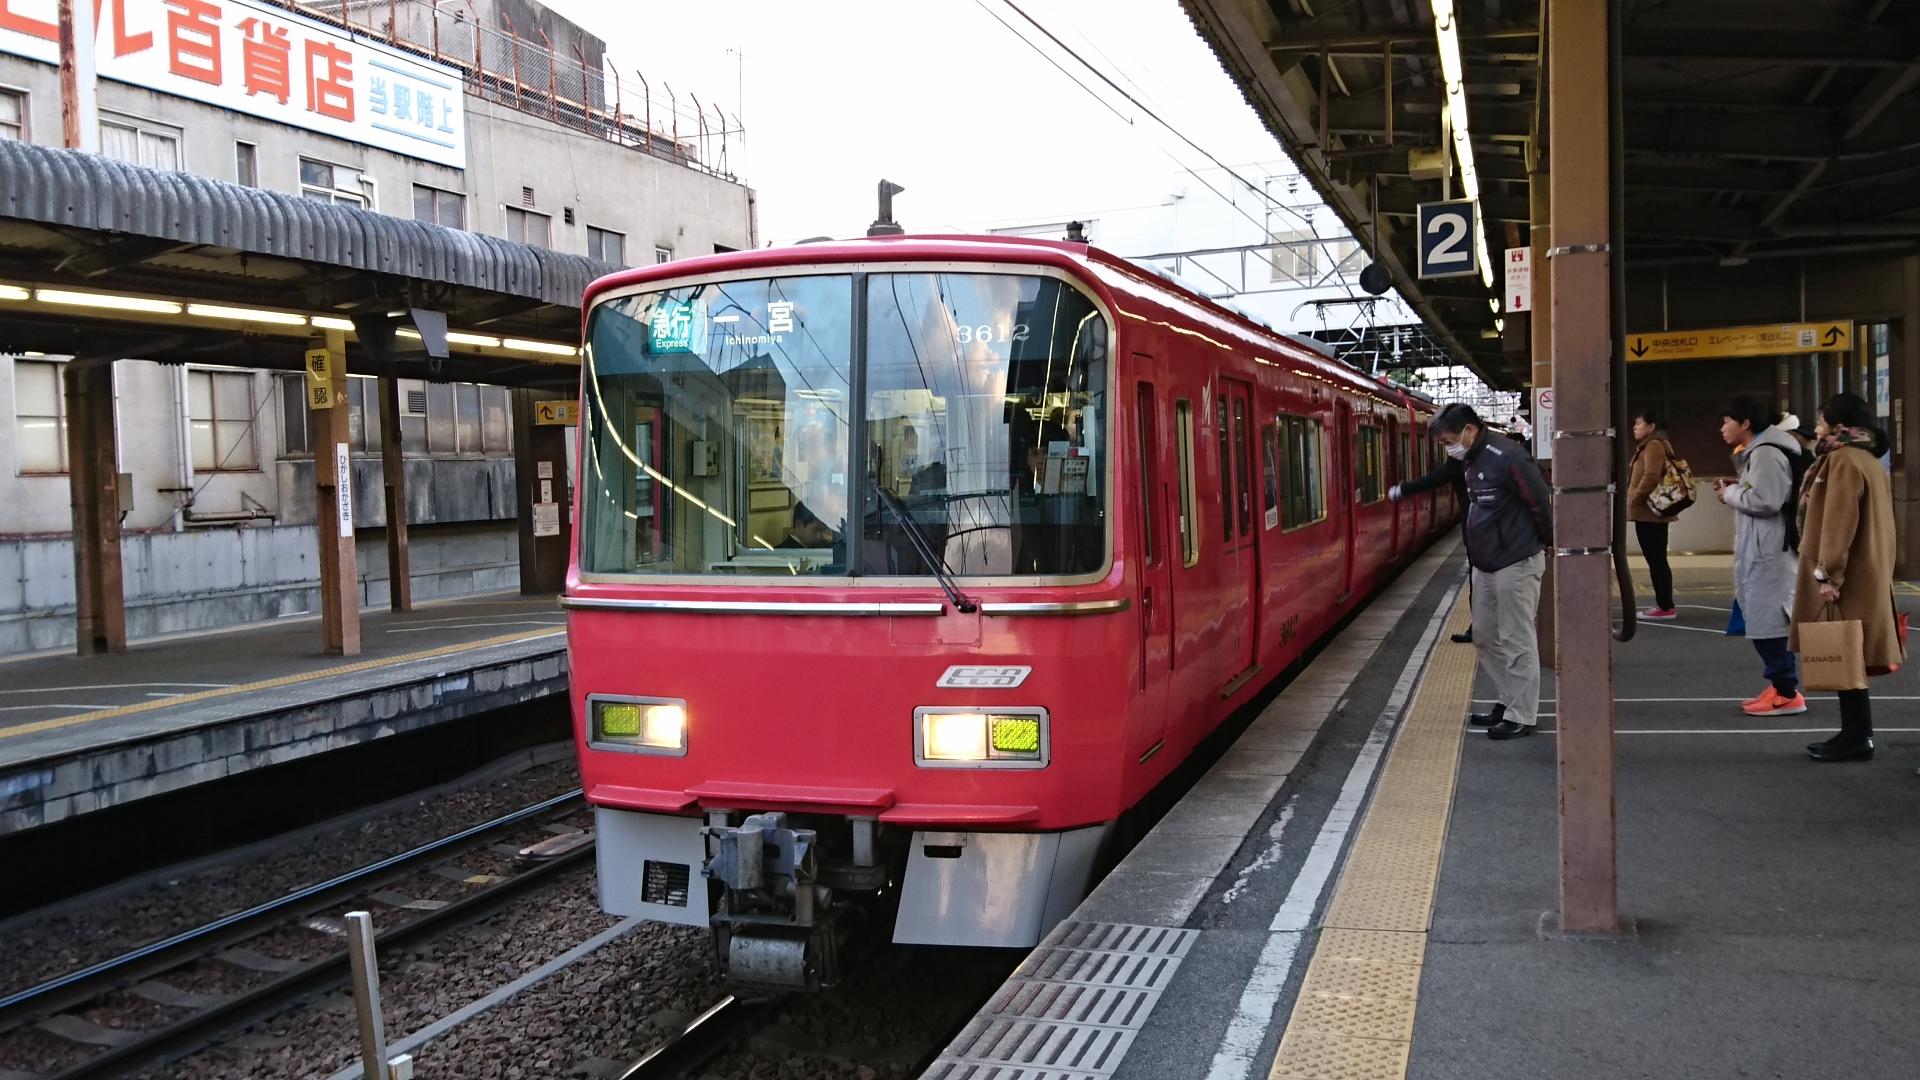 2017.1.12 (56) 東岡崎 - 一宮いき急行(3612)1850-1080